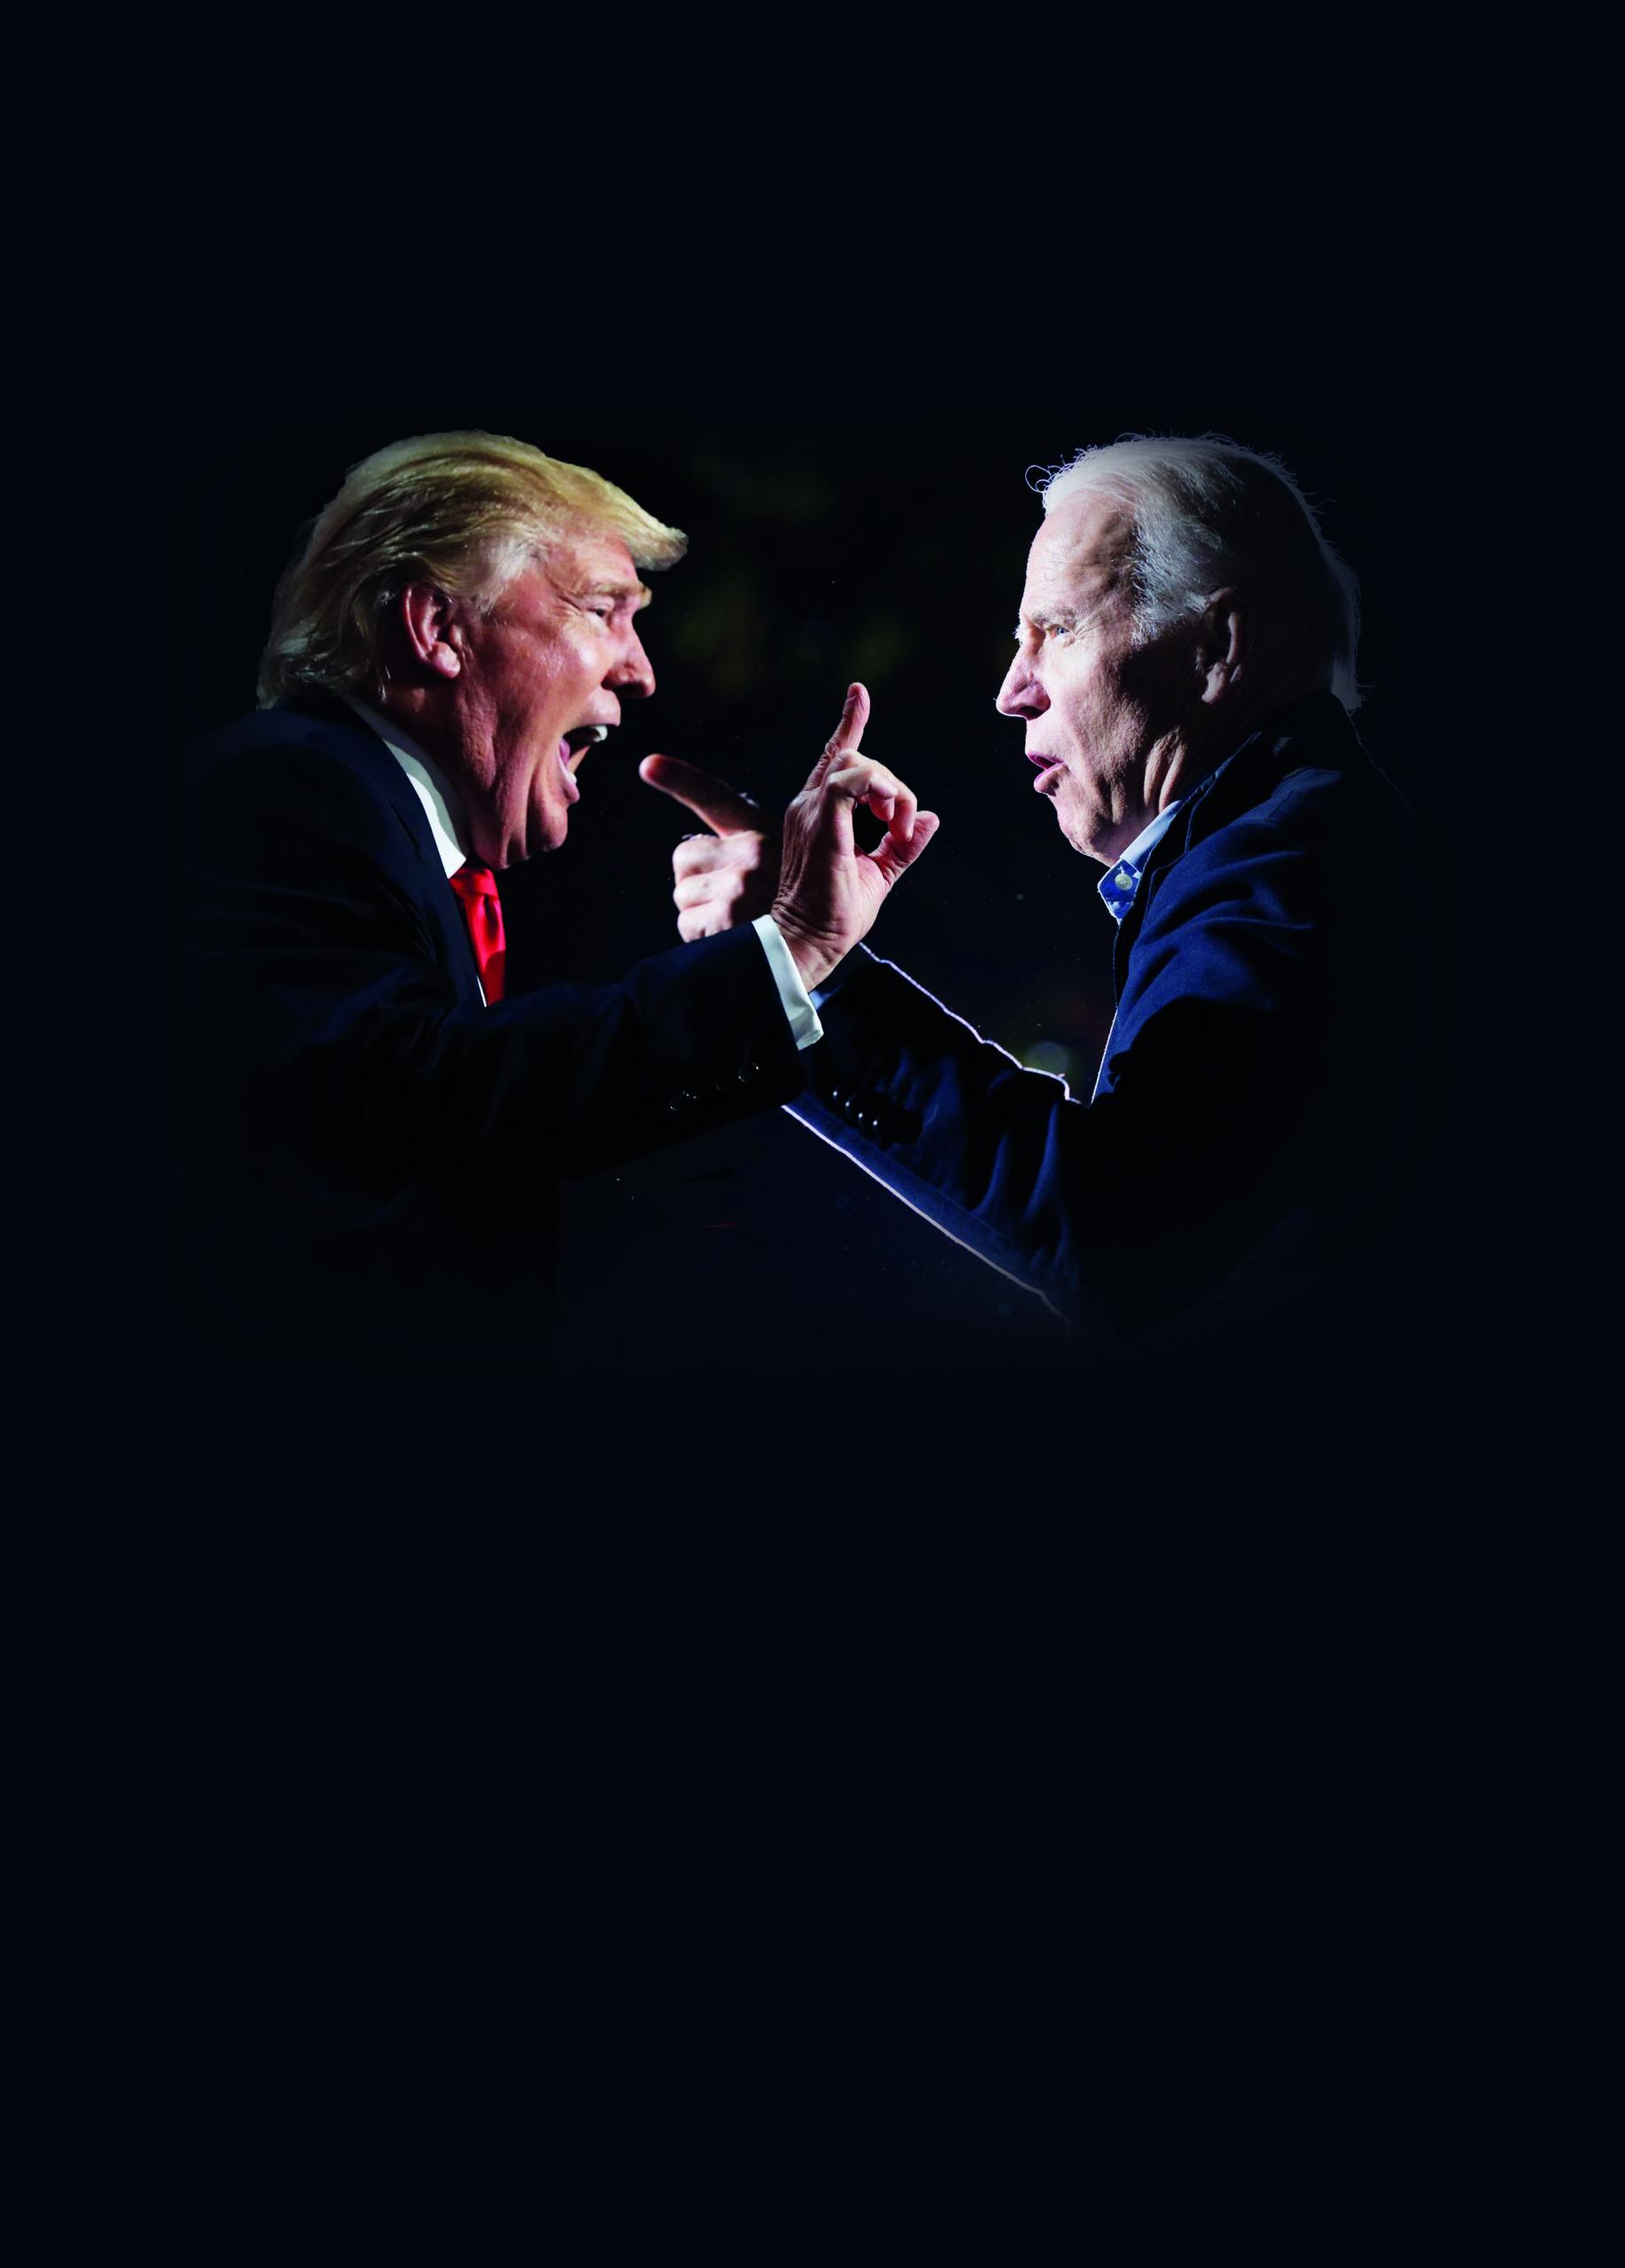 Victoire annoncée pour Joe Biden ? | business-magazine.mu